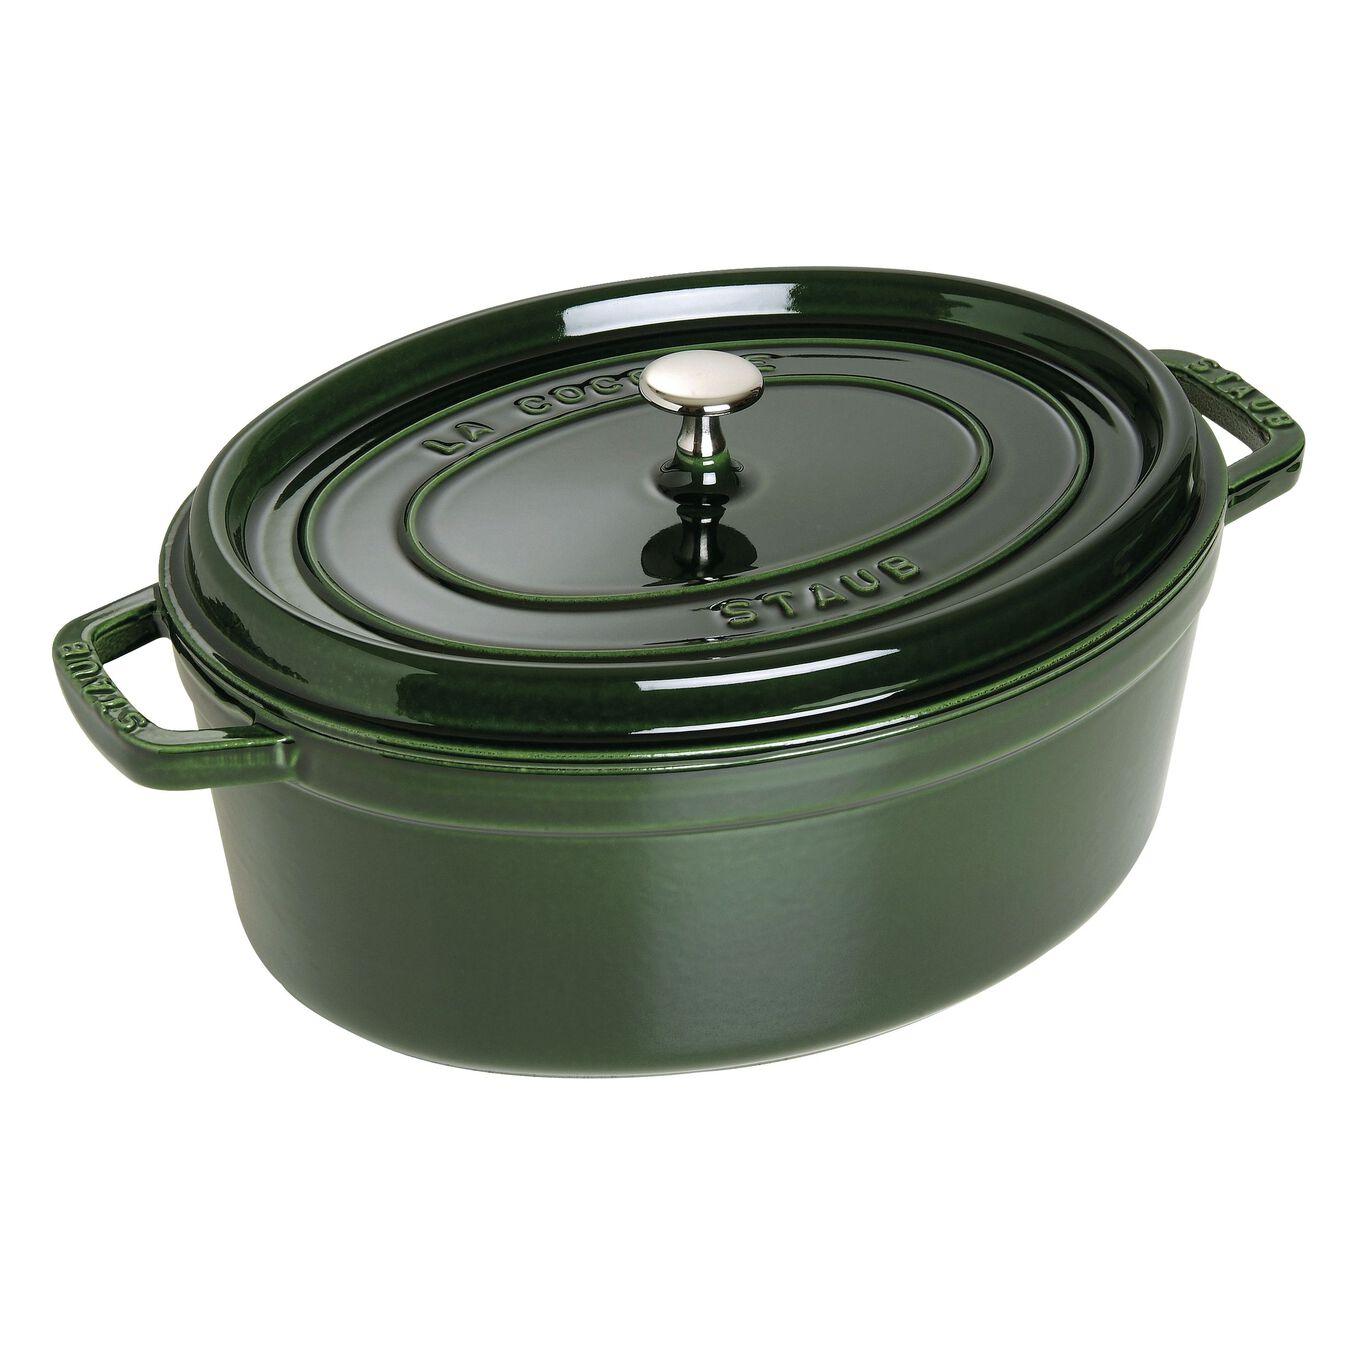 Caçarola 27 cm, oval, verde basil, Ferro fundido,,large 1